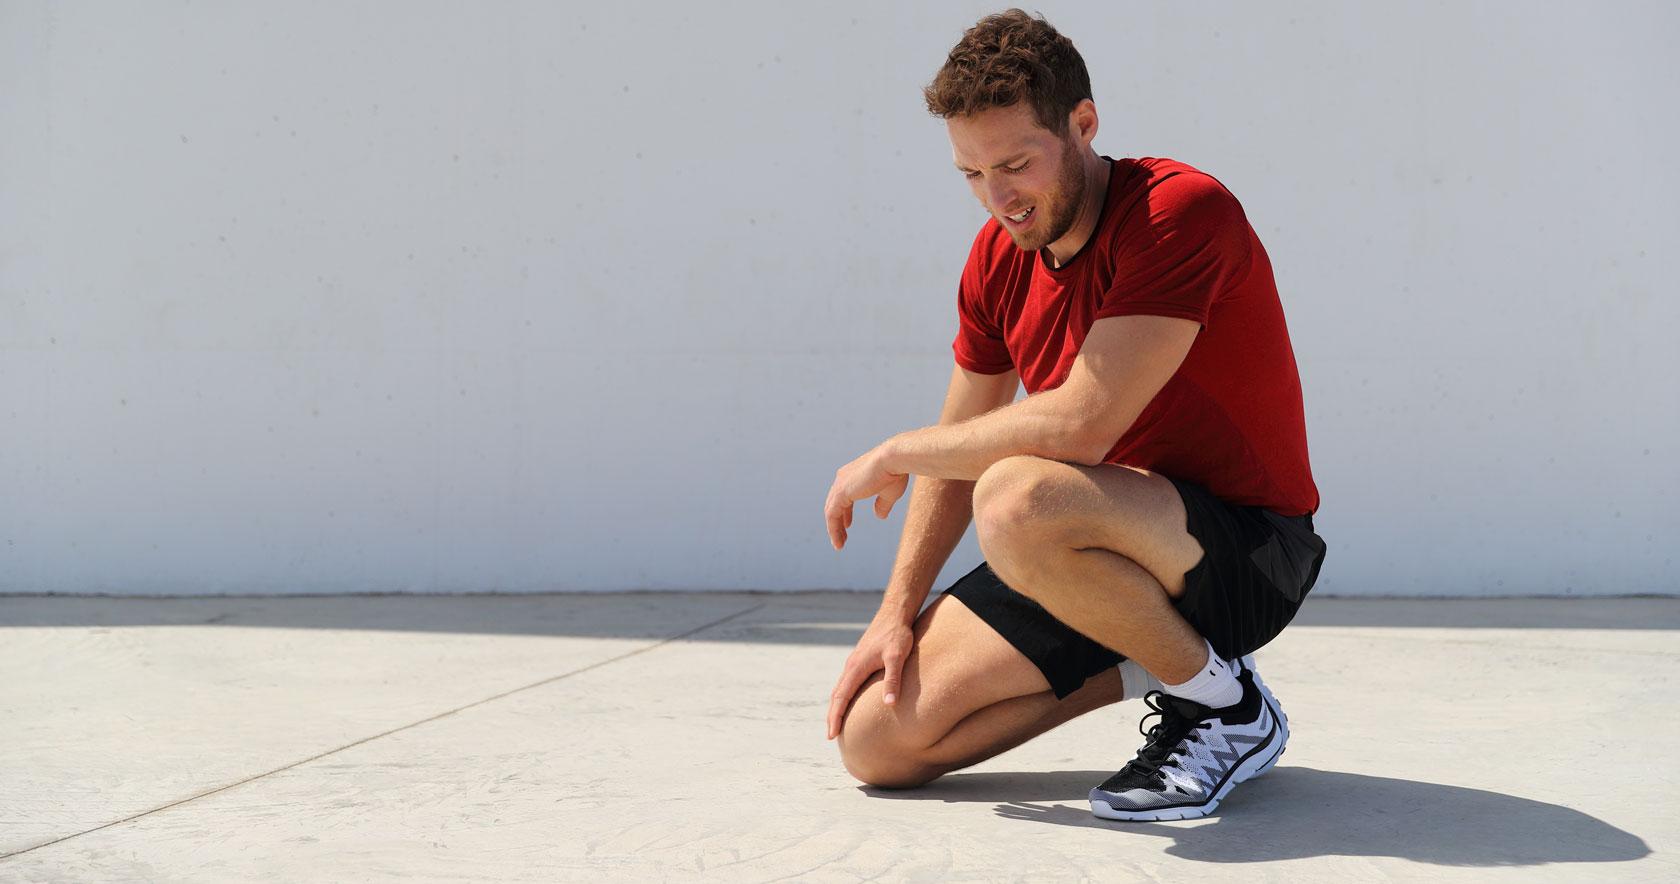 NOacademy indagine sul recupero muscolare in ambito sportivo